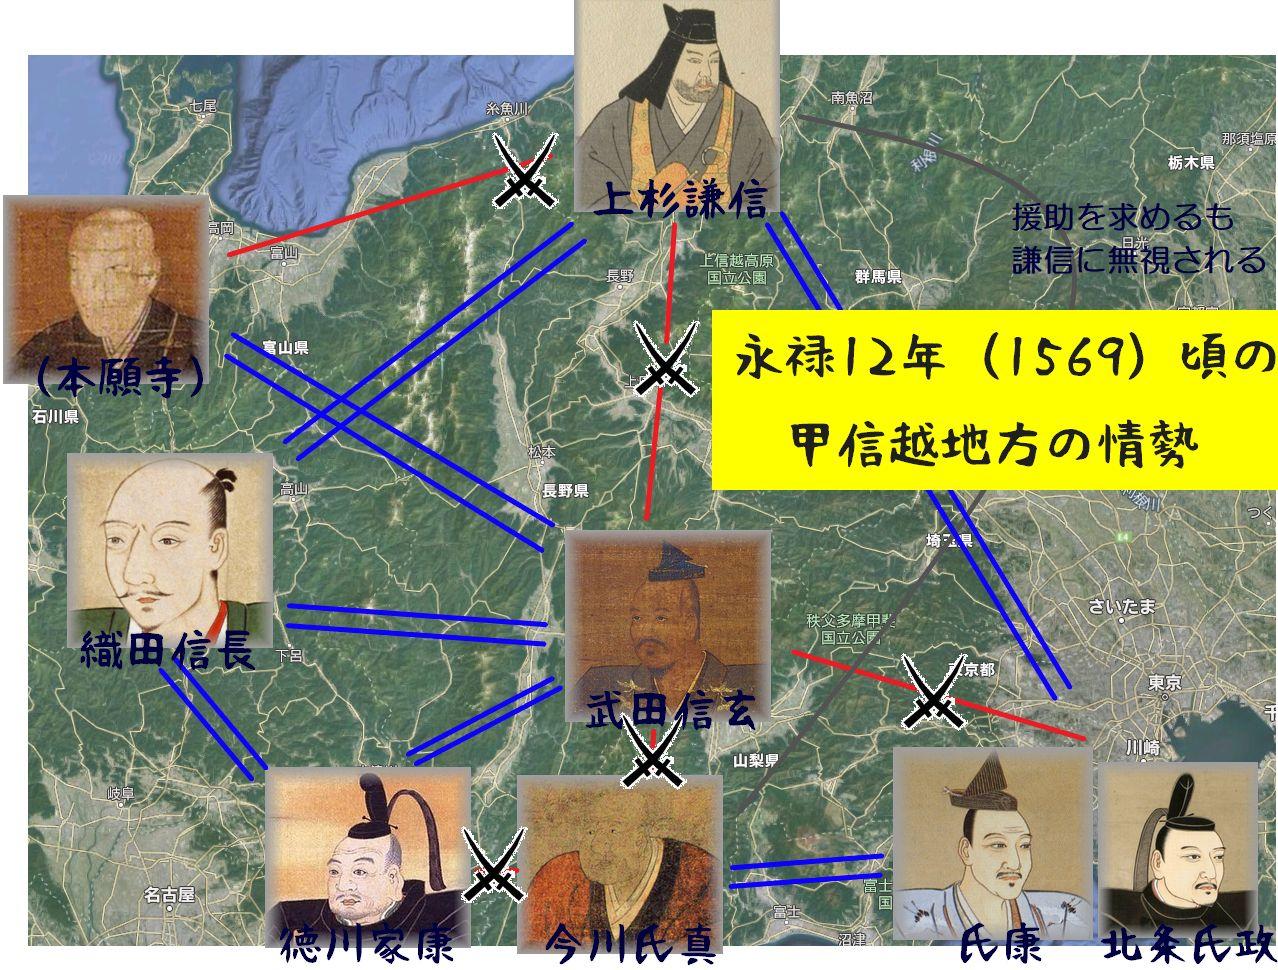 永禄12年(1569)頃の関東甲信越地方の外交情勢